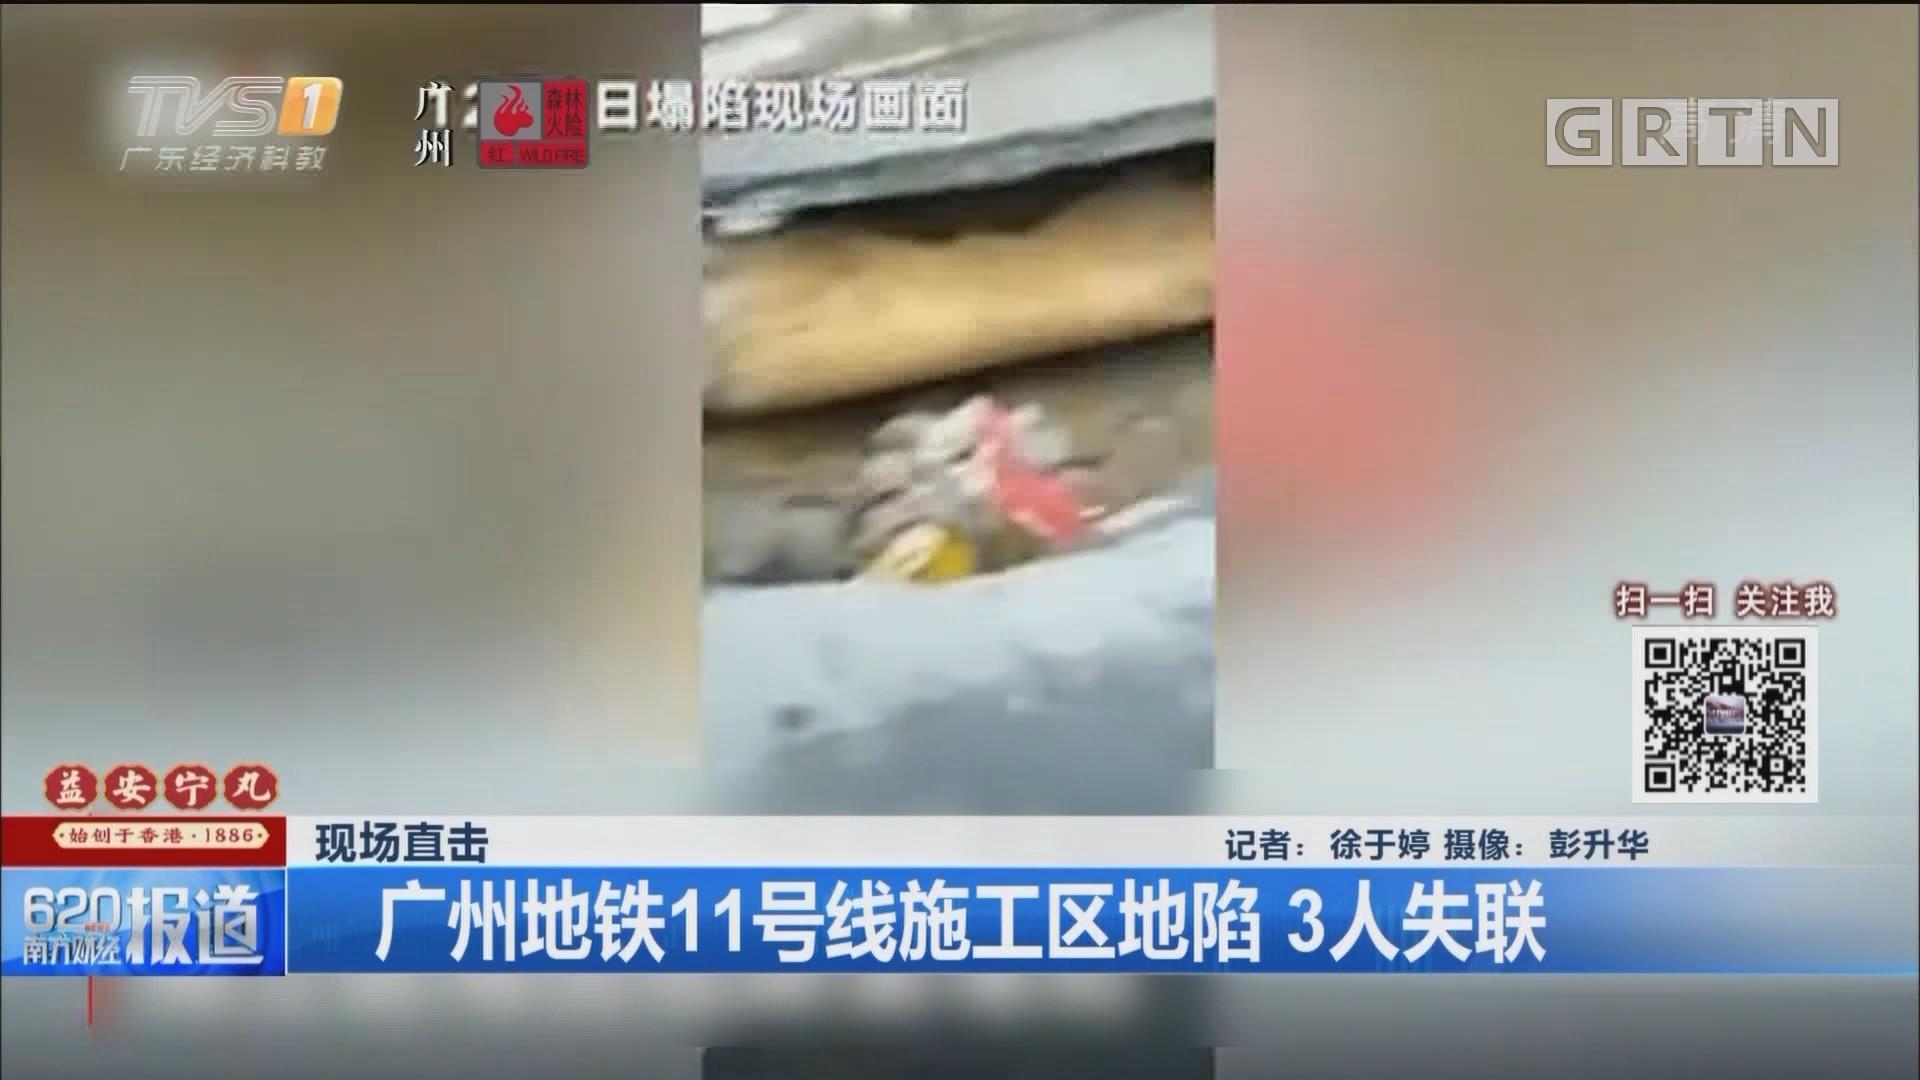 现场直击:广州地铁11号线施工区地陷 3人失联